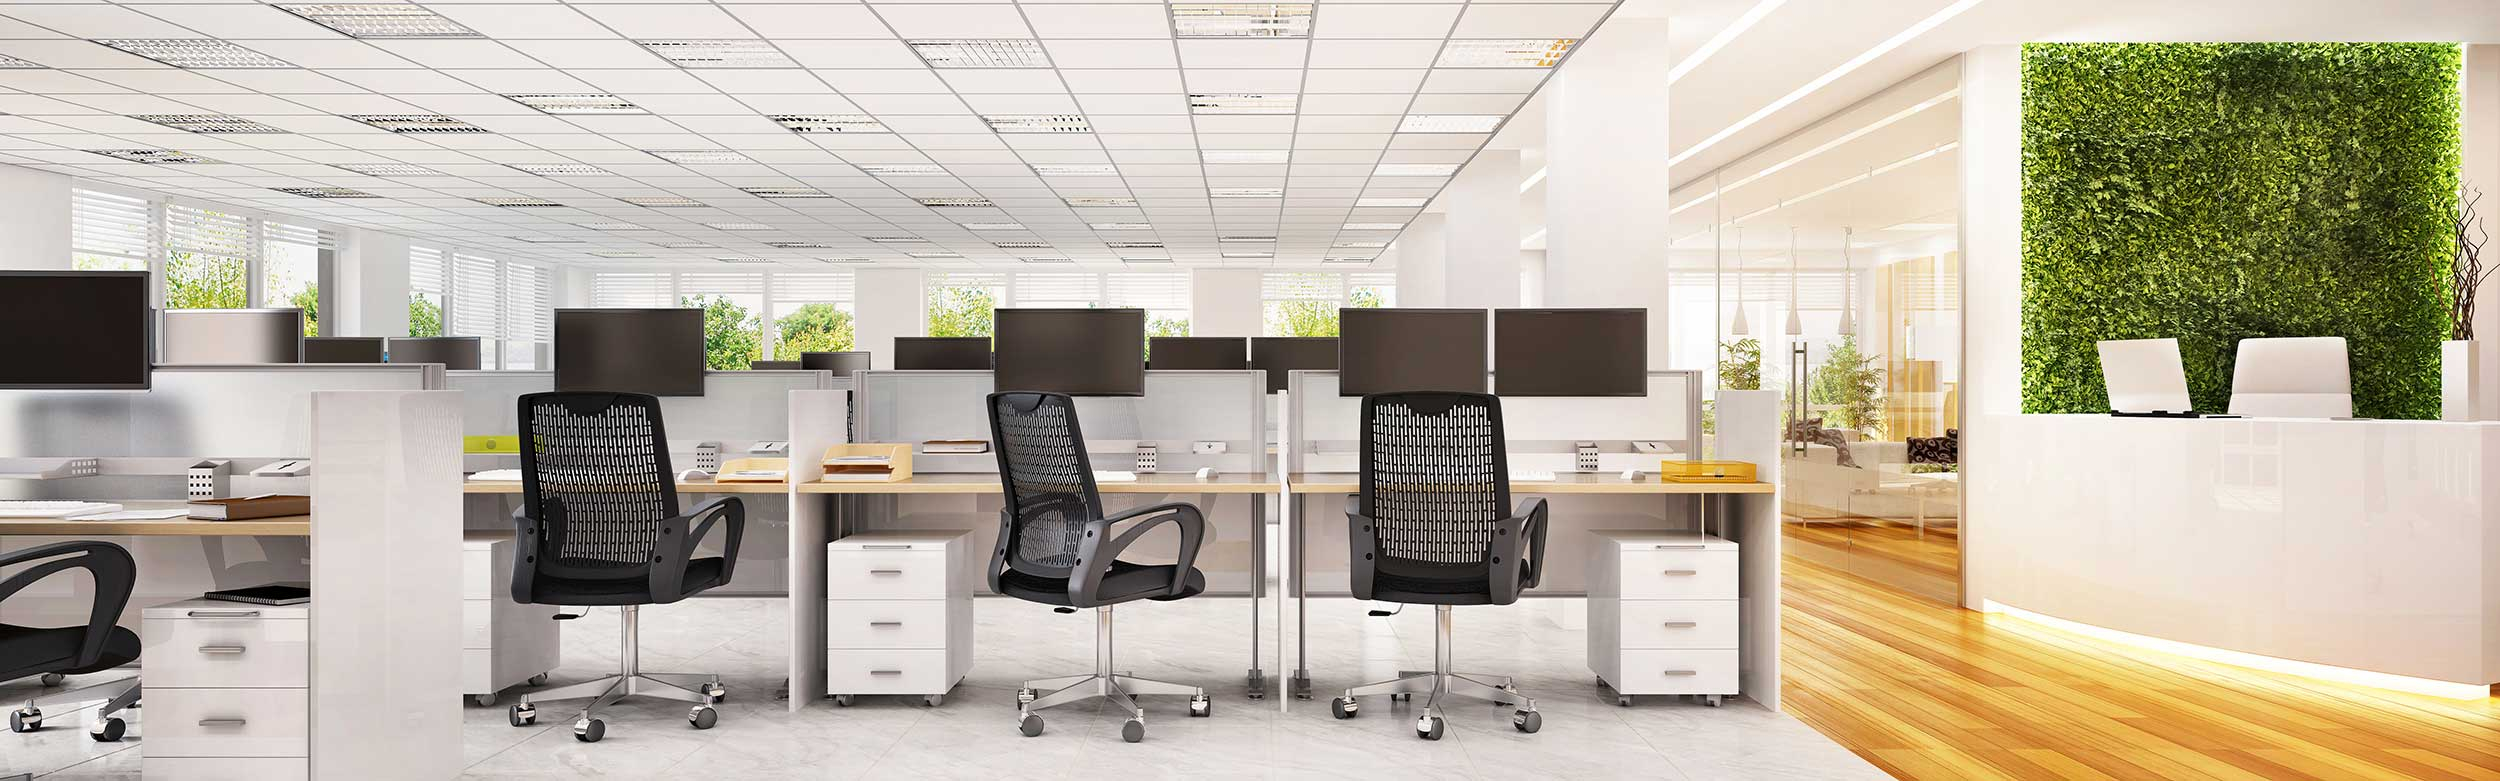 Bureaux ergonomiques et rangements